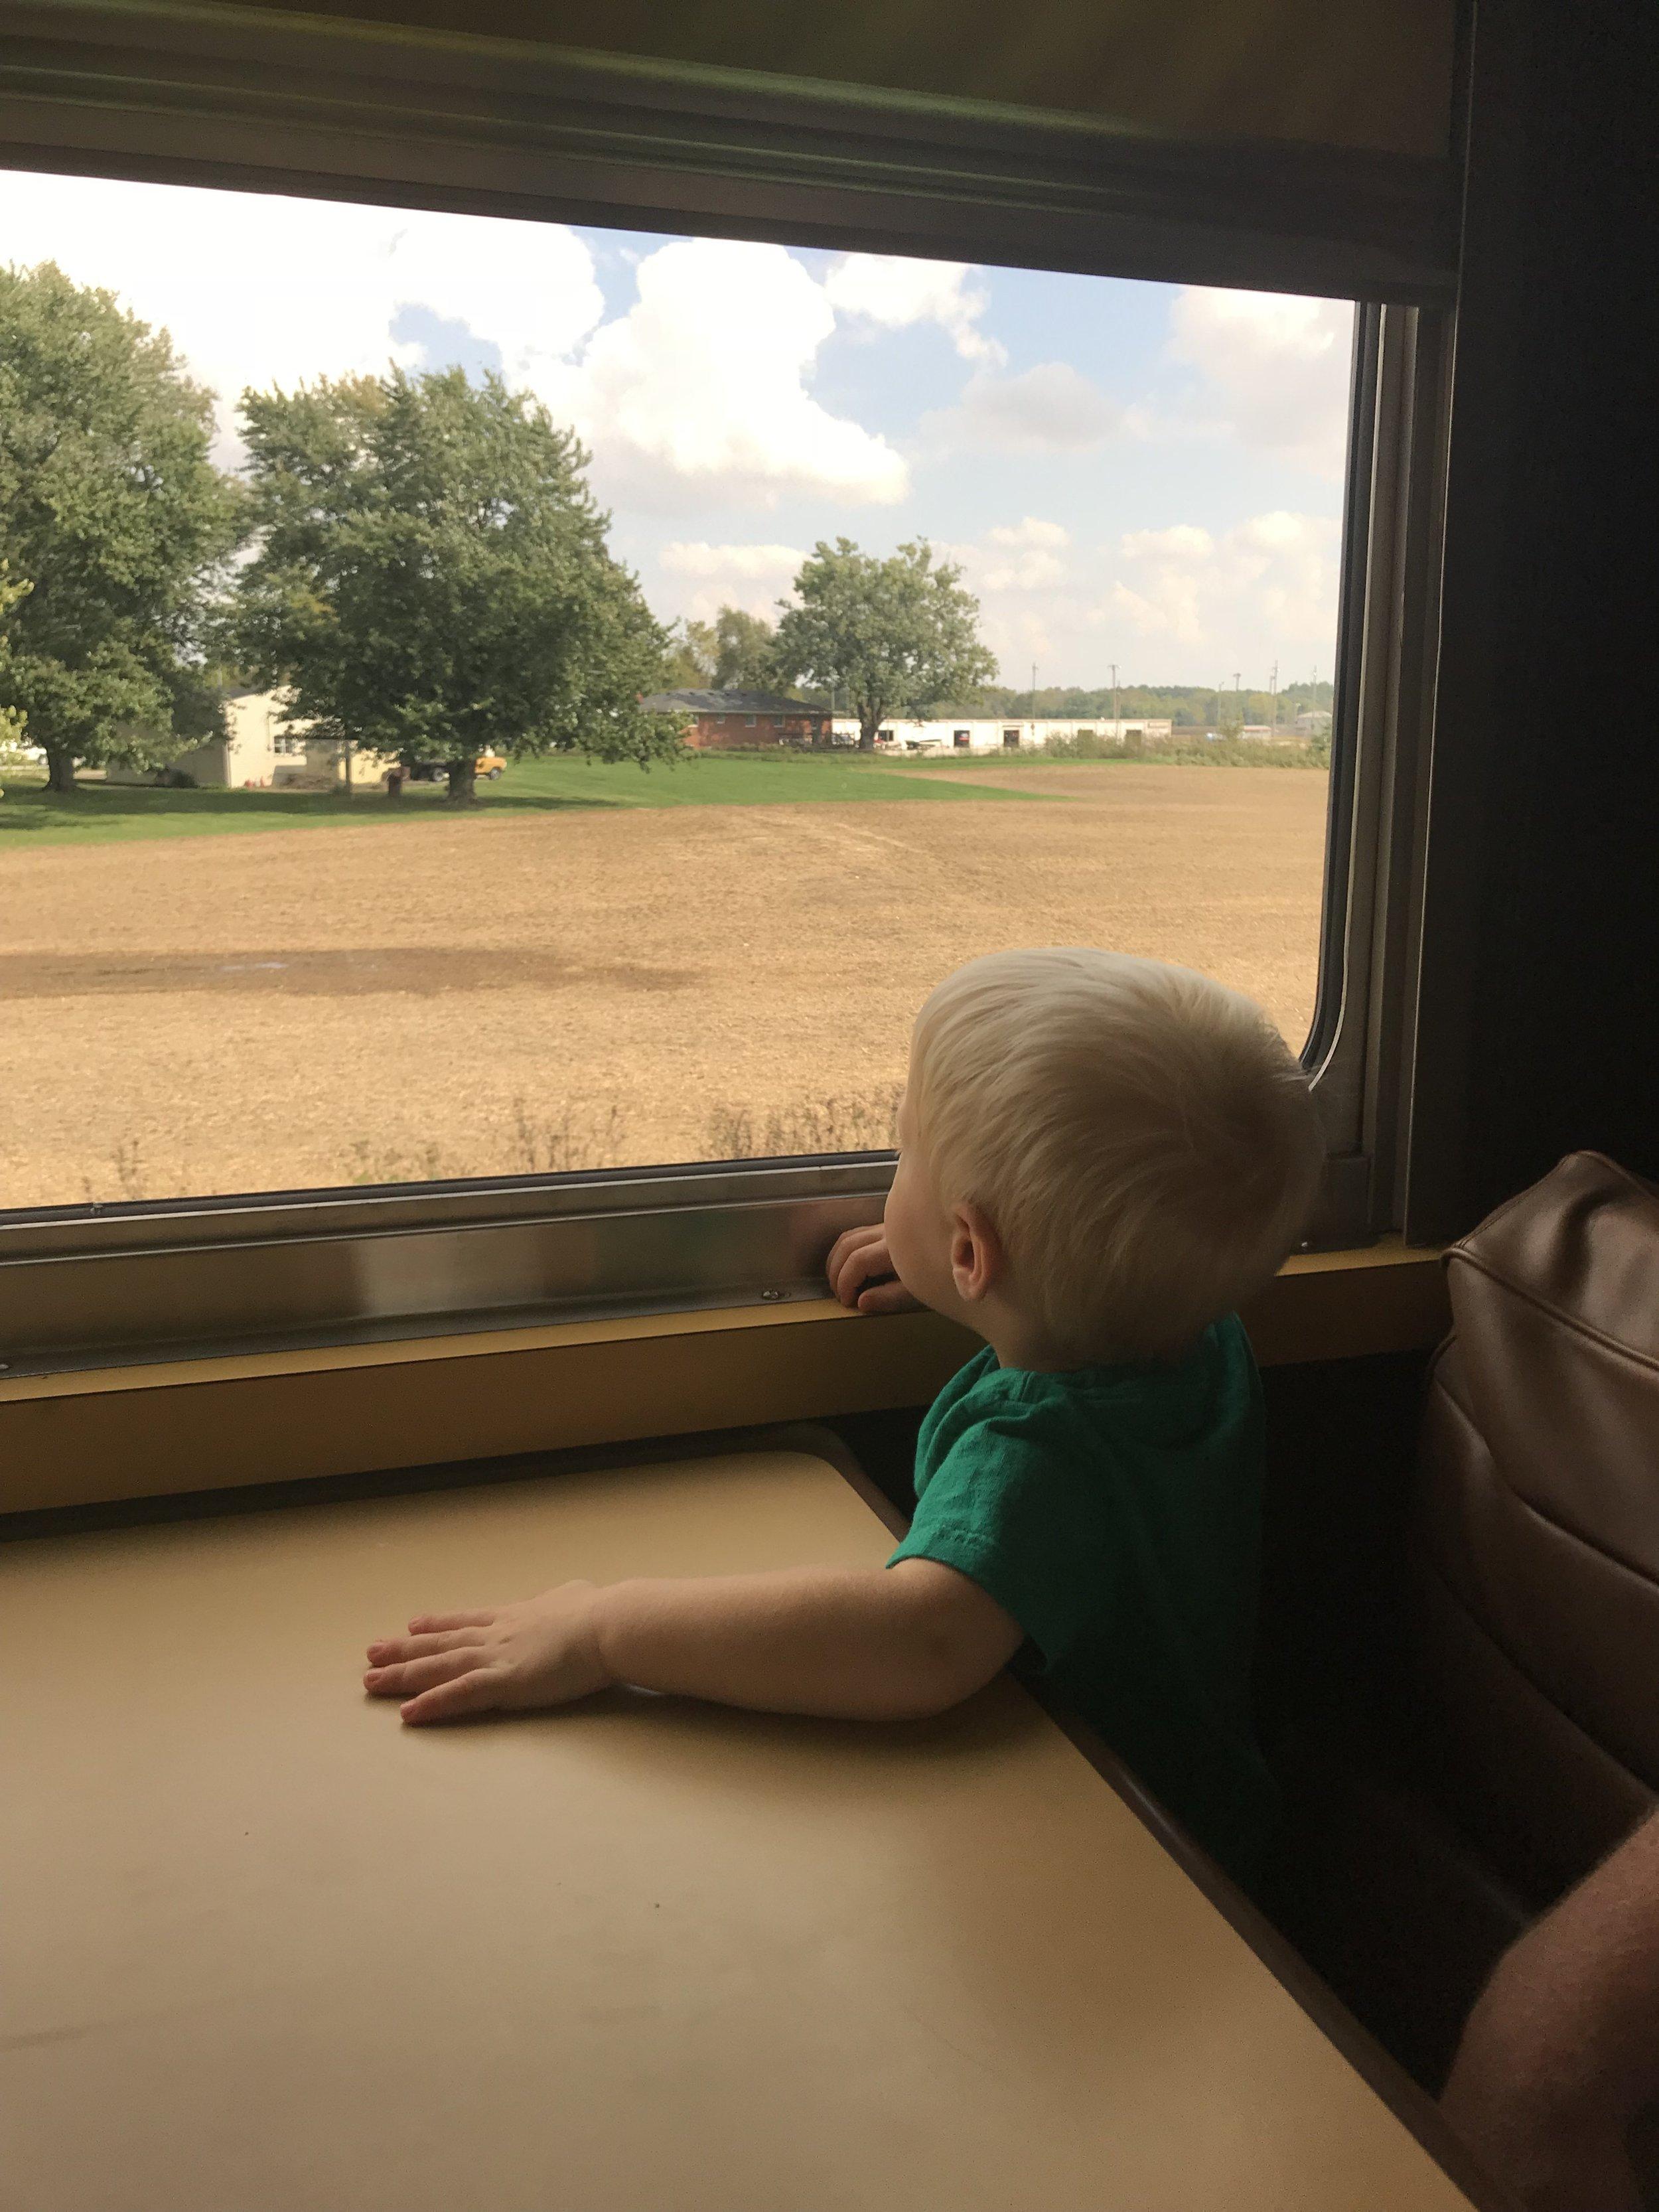 Kid looking out window .jpg